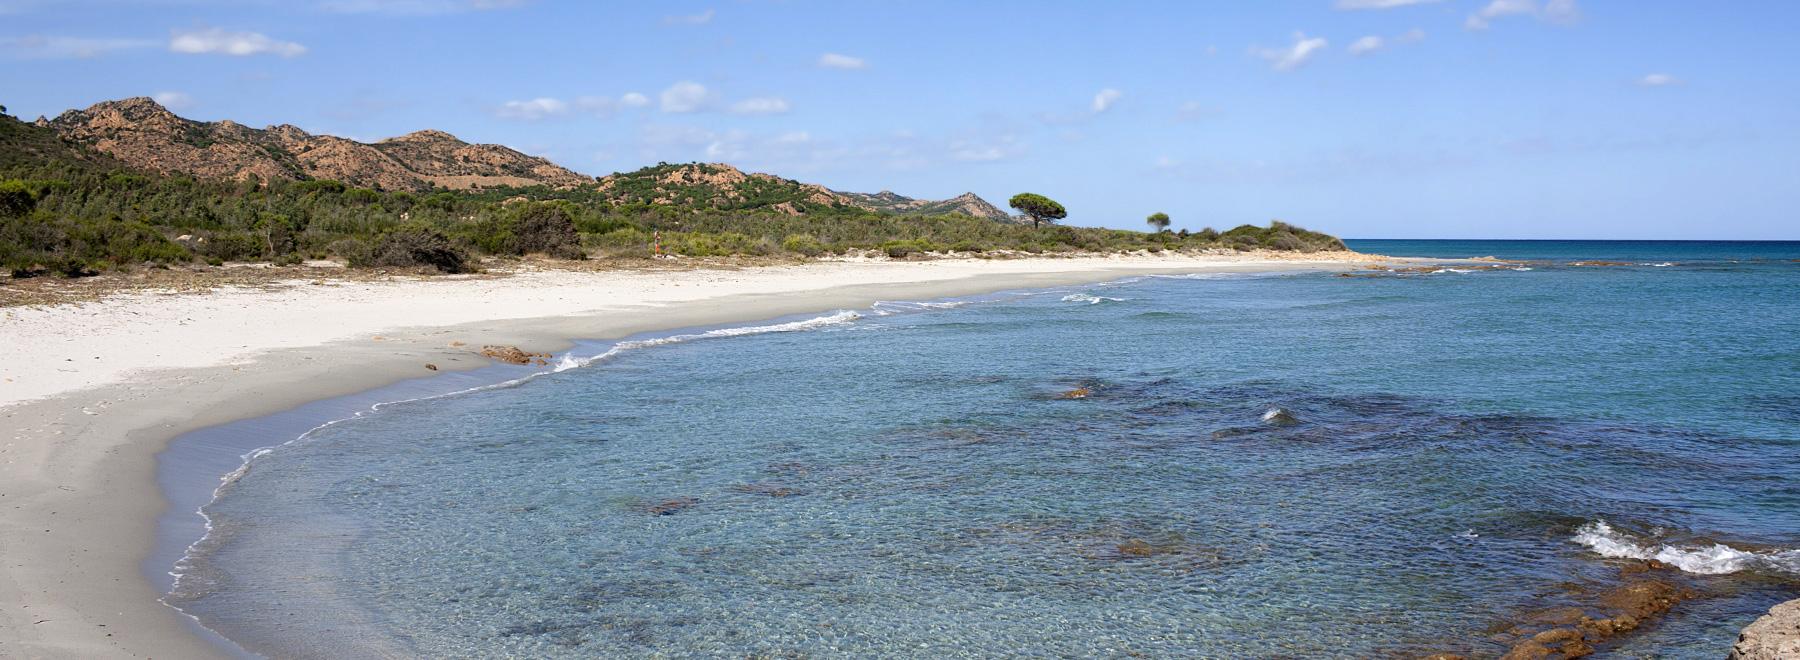 L'oasi di Bidderosa Orosei  Sardegna